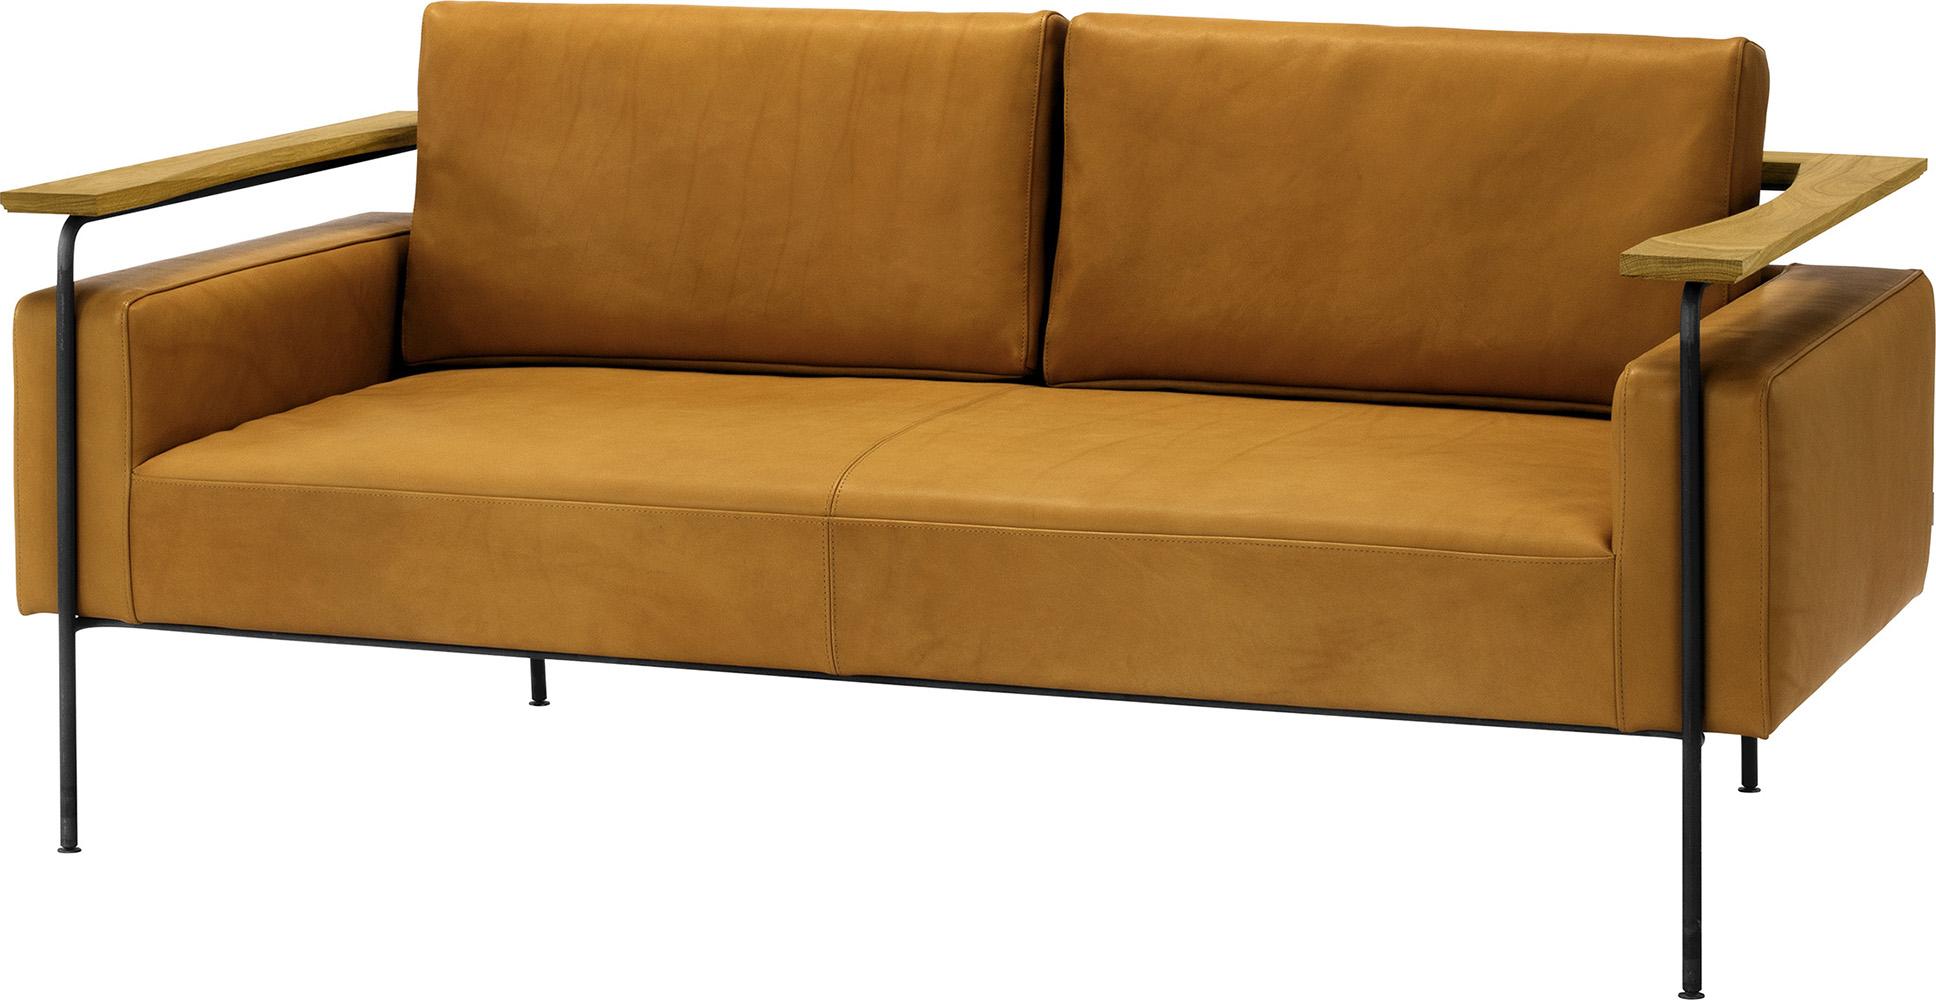 この商品に似ているアイテム画像(TIER sofa / 2seater|HARVA LEHTO(ハルバレヒト))